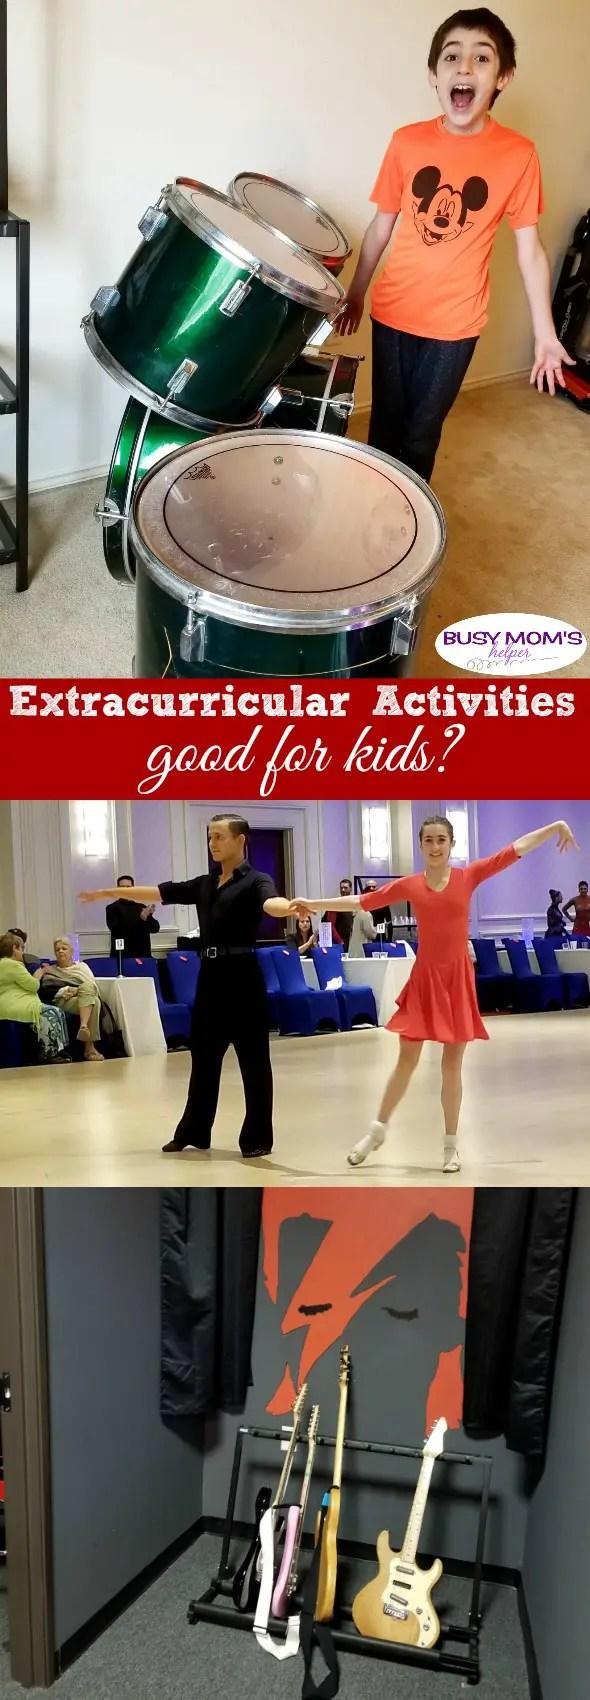 Are Extracurricular Activities Good for Kids? #ad #parenting #kidsactivities #schoolofrockdfw #sormansfield #schoolofrock